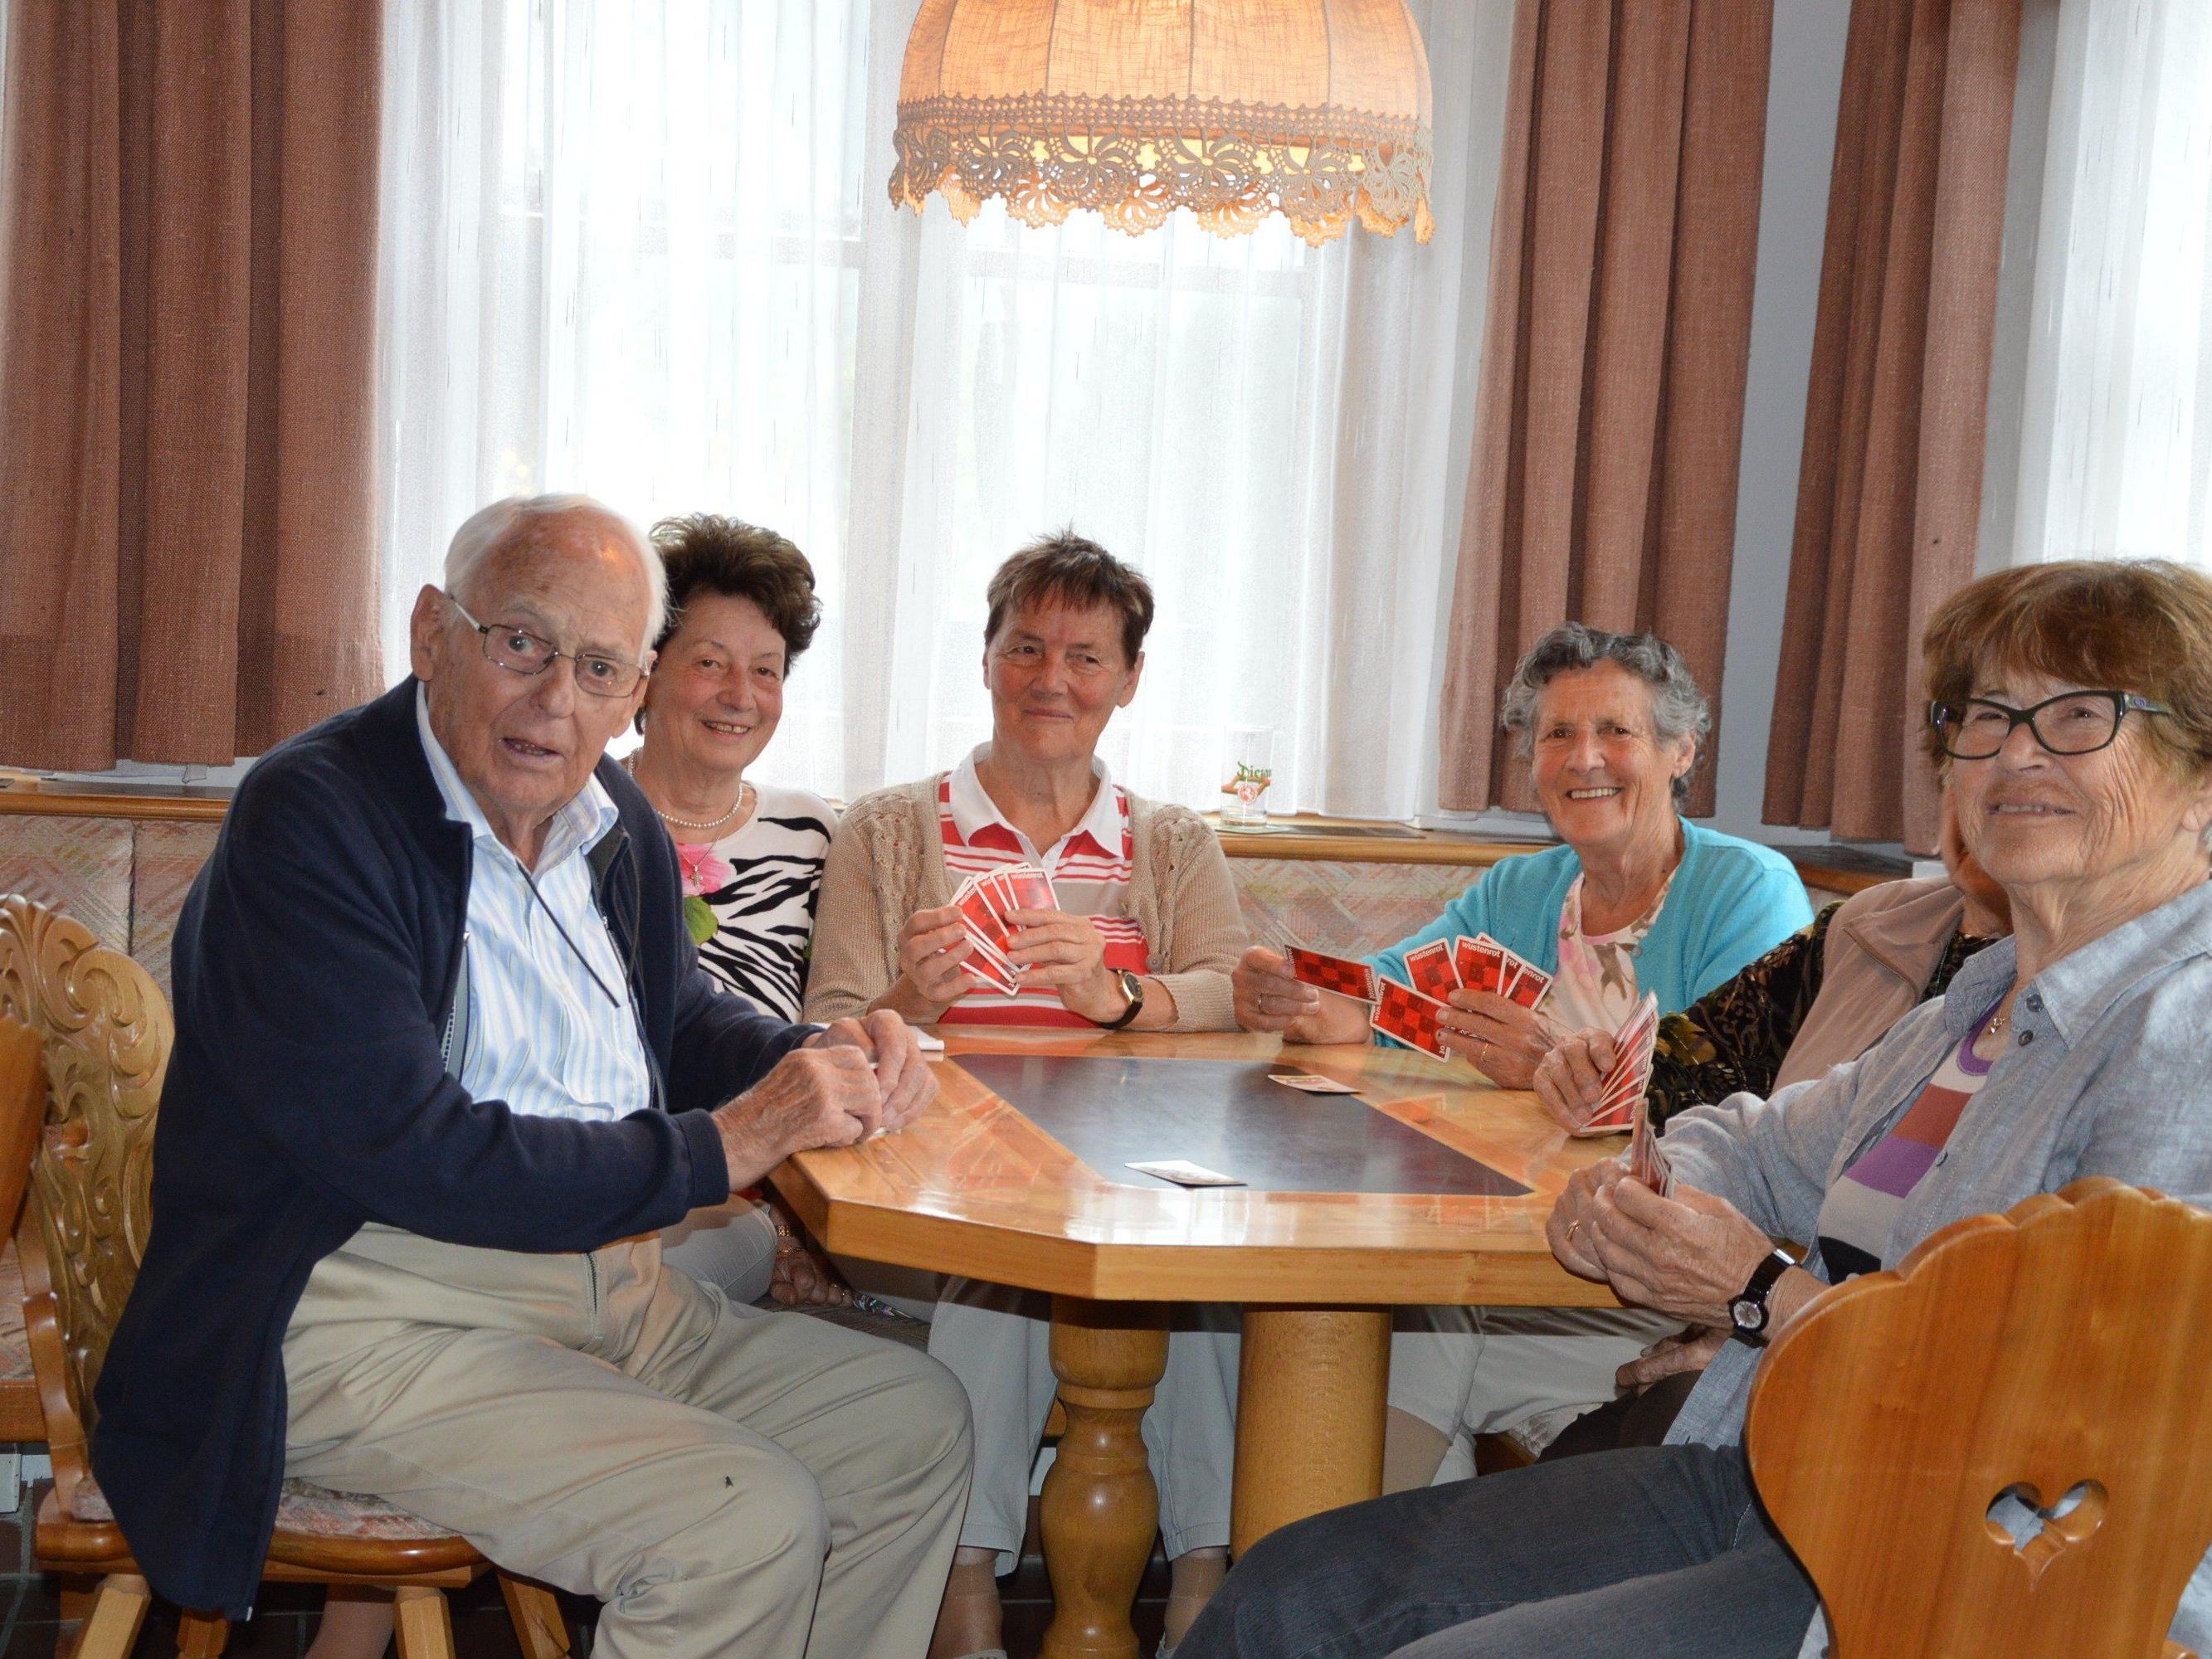 Geselliges Beisammensein beim Kartenspiel im Erholungsheim Mariahilf in St. Gallenkrich.